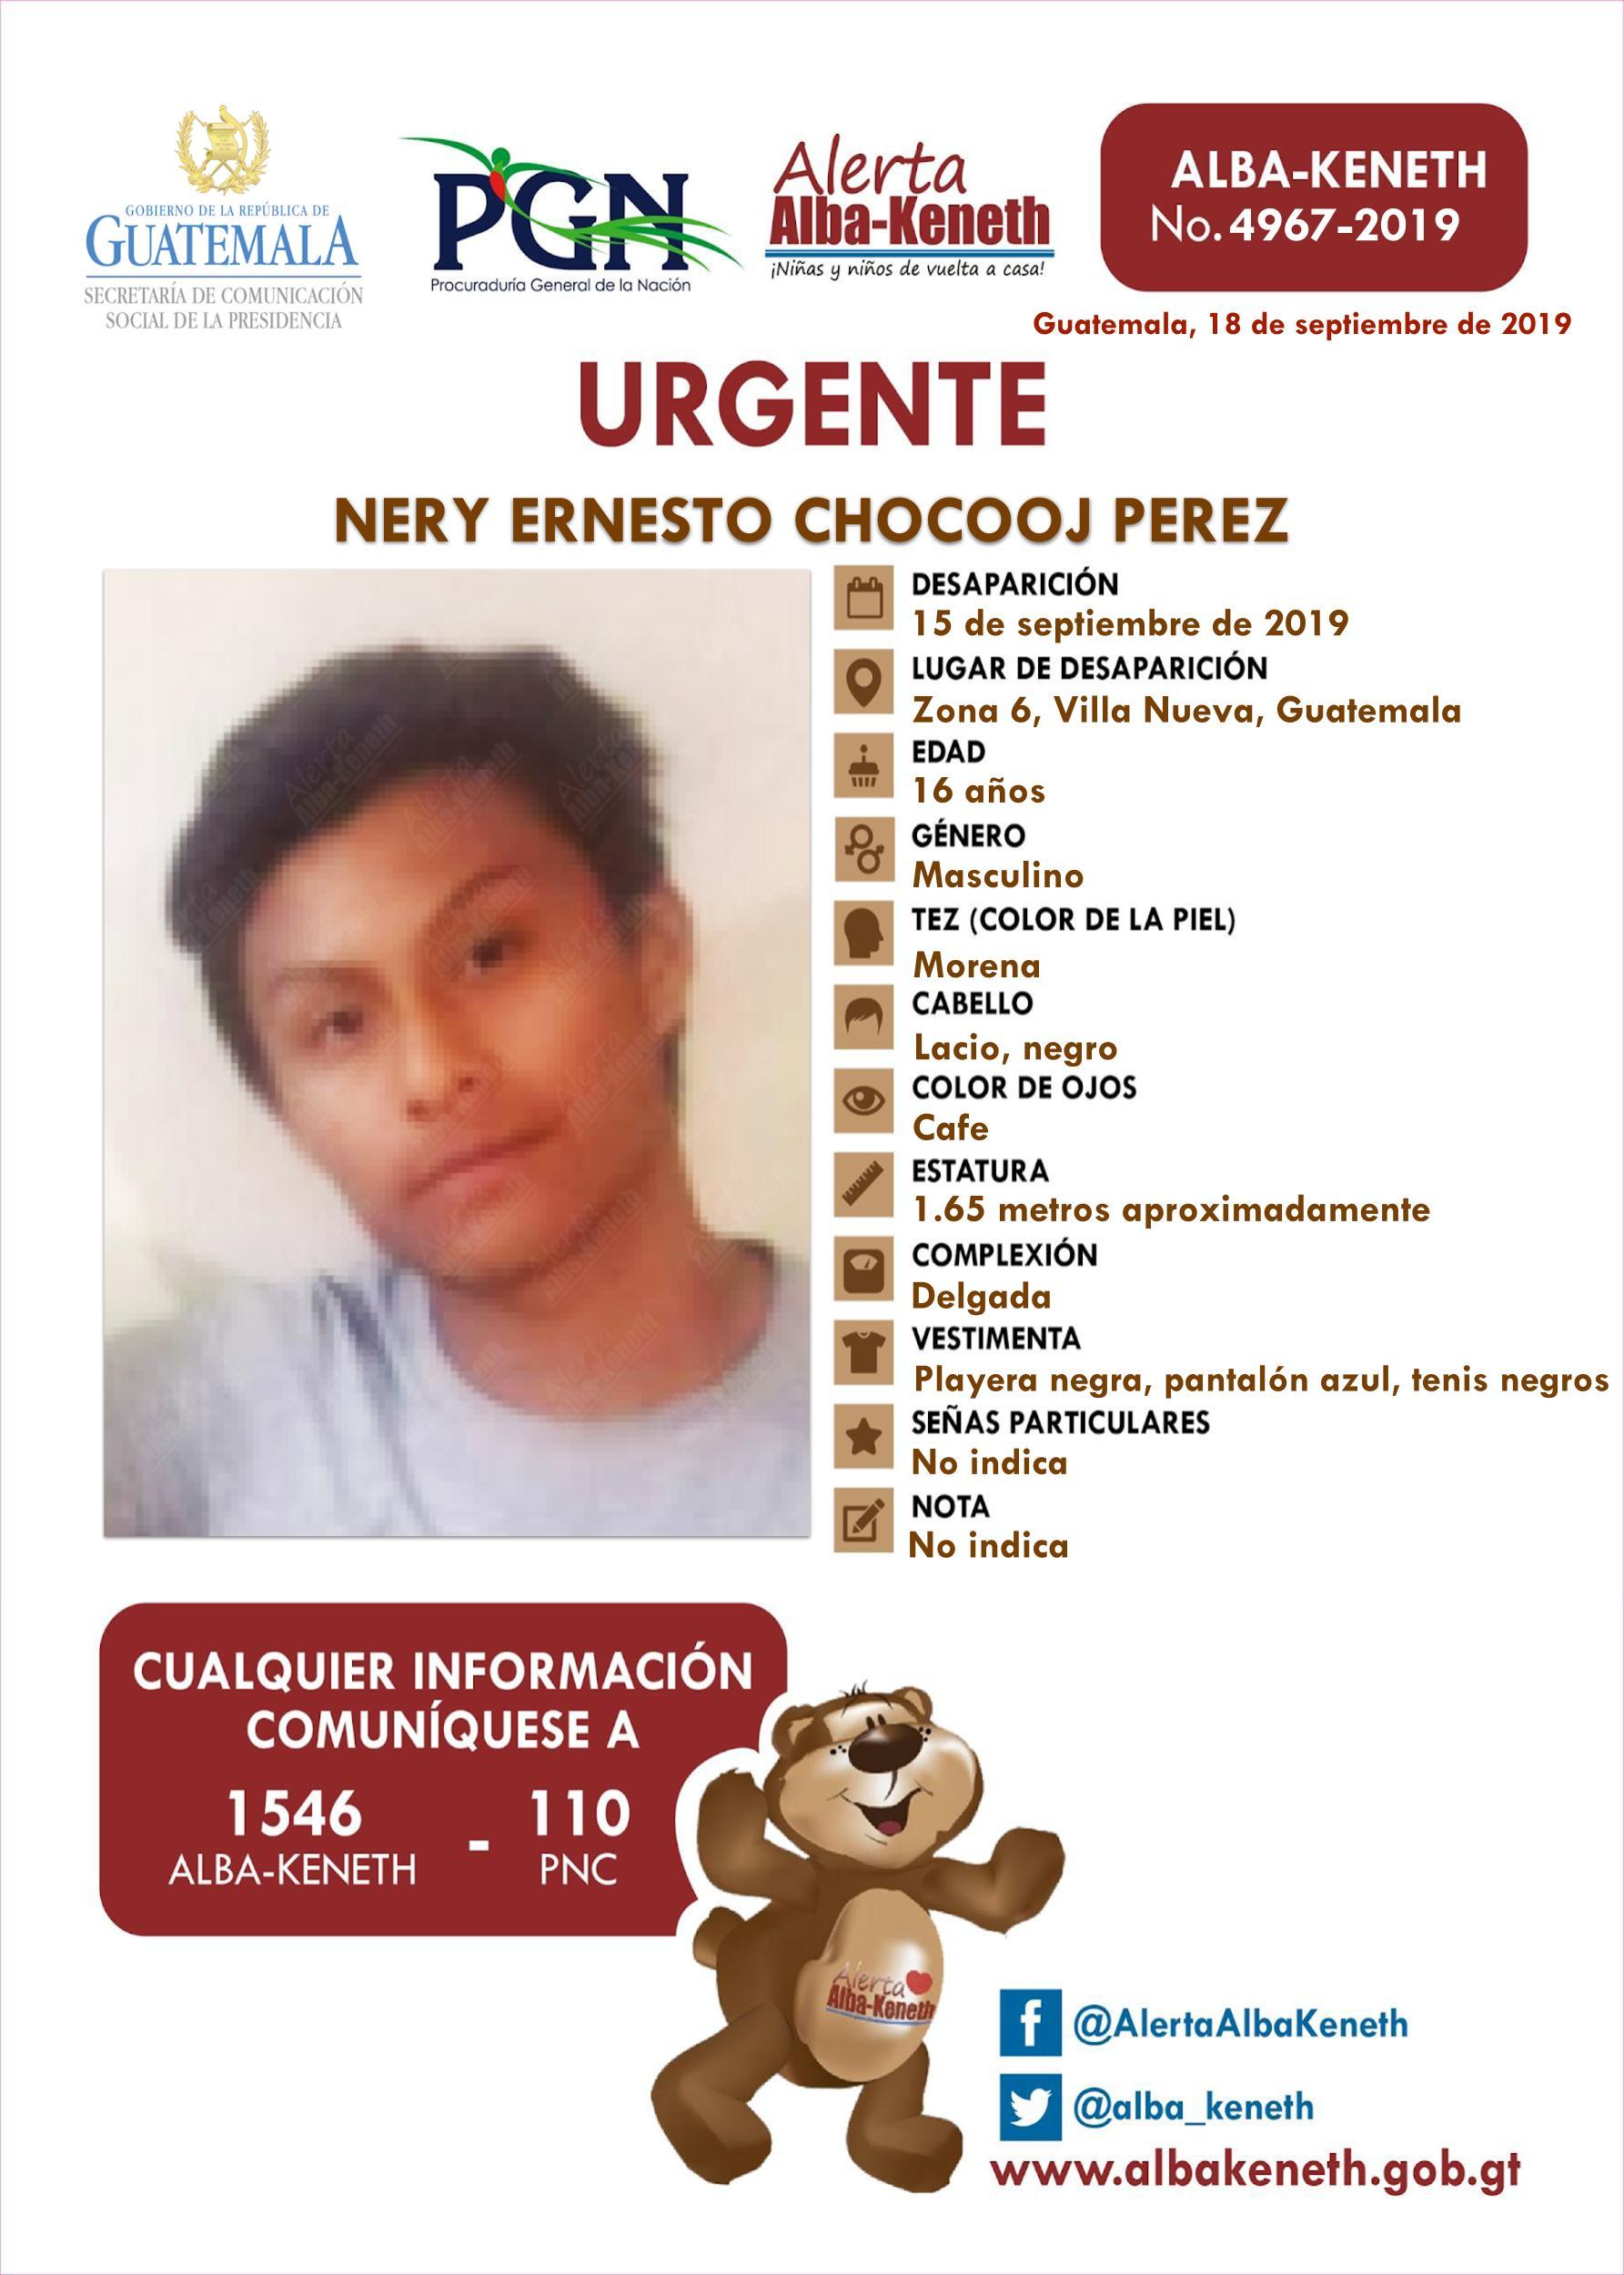 Nery Ernesto Chocooj Perez